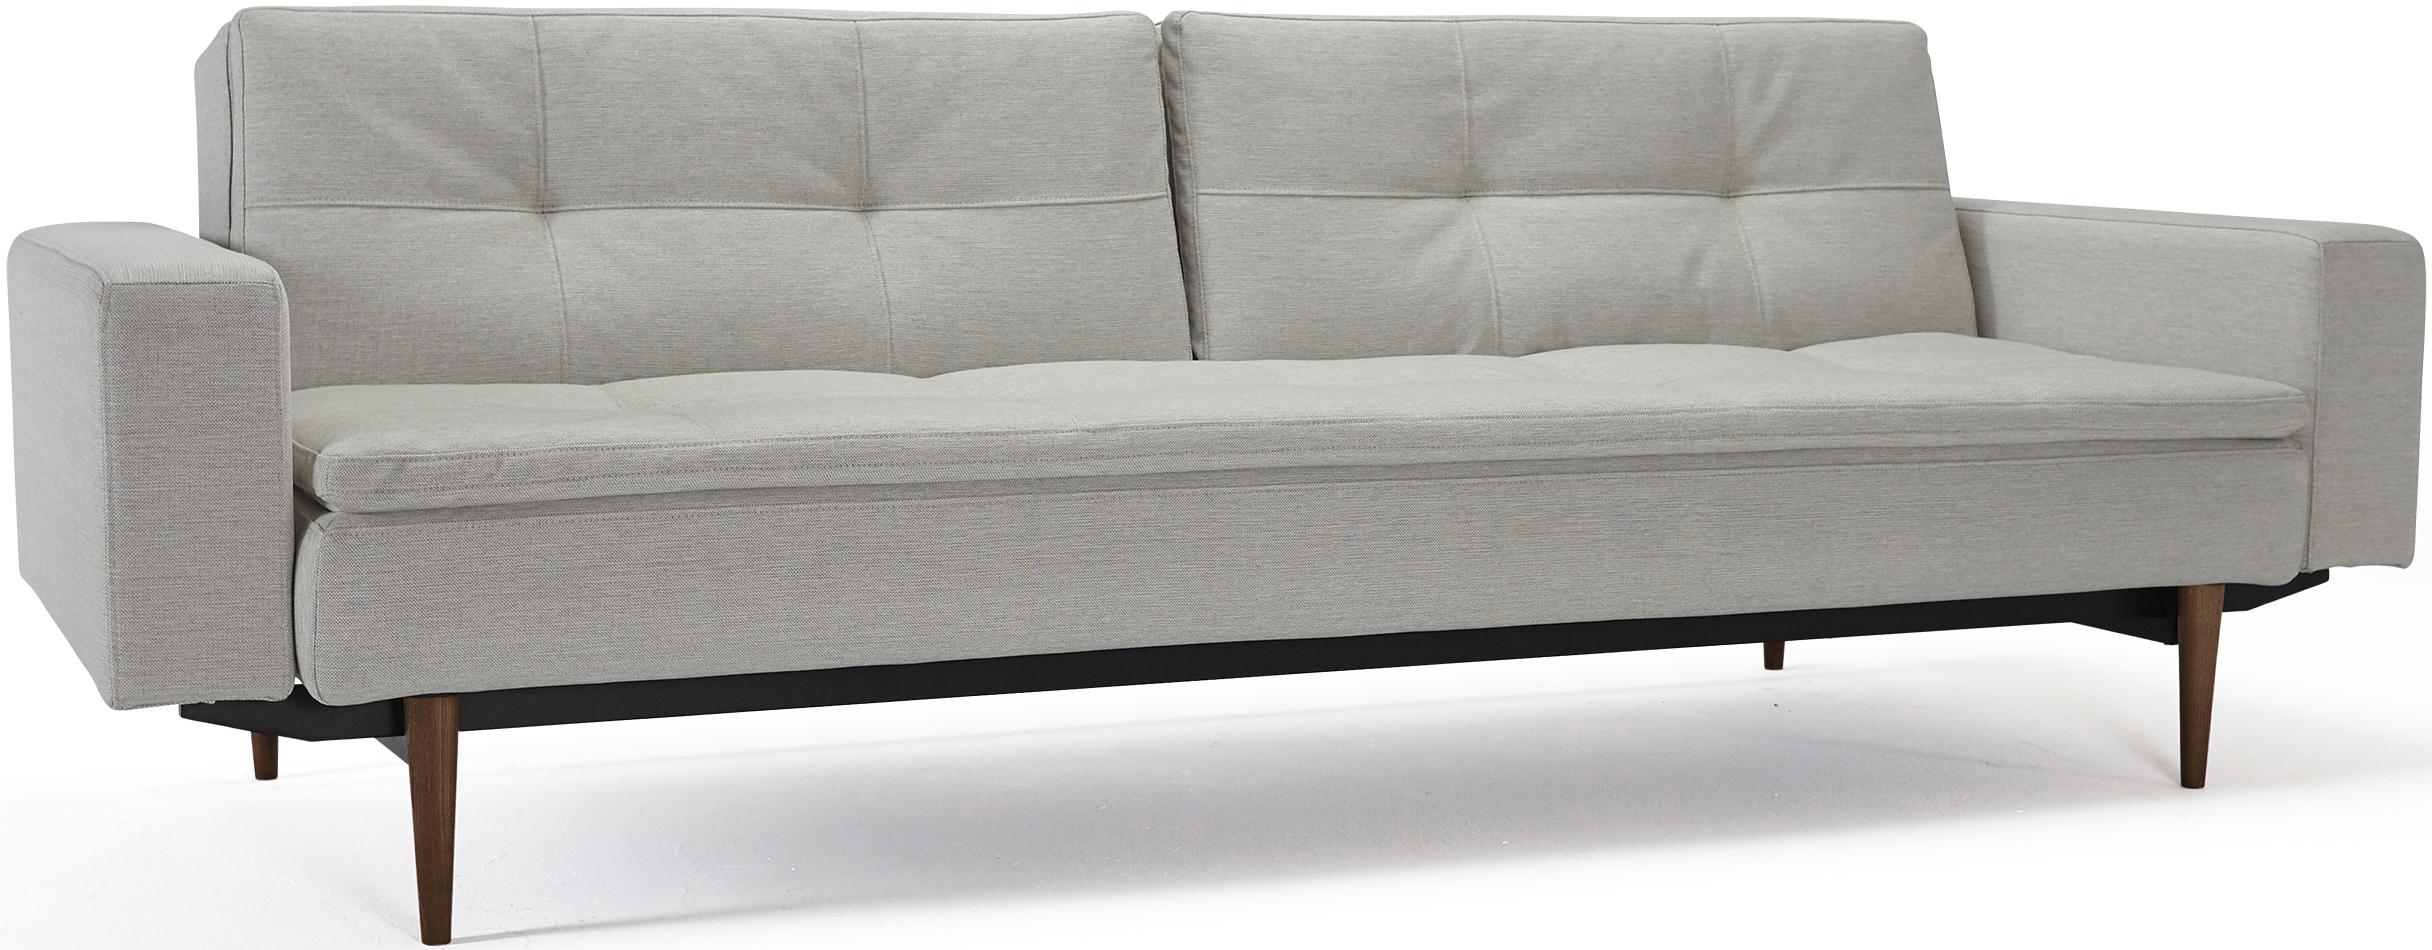 the dublexo sofa with arms